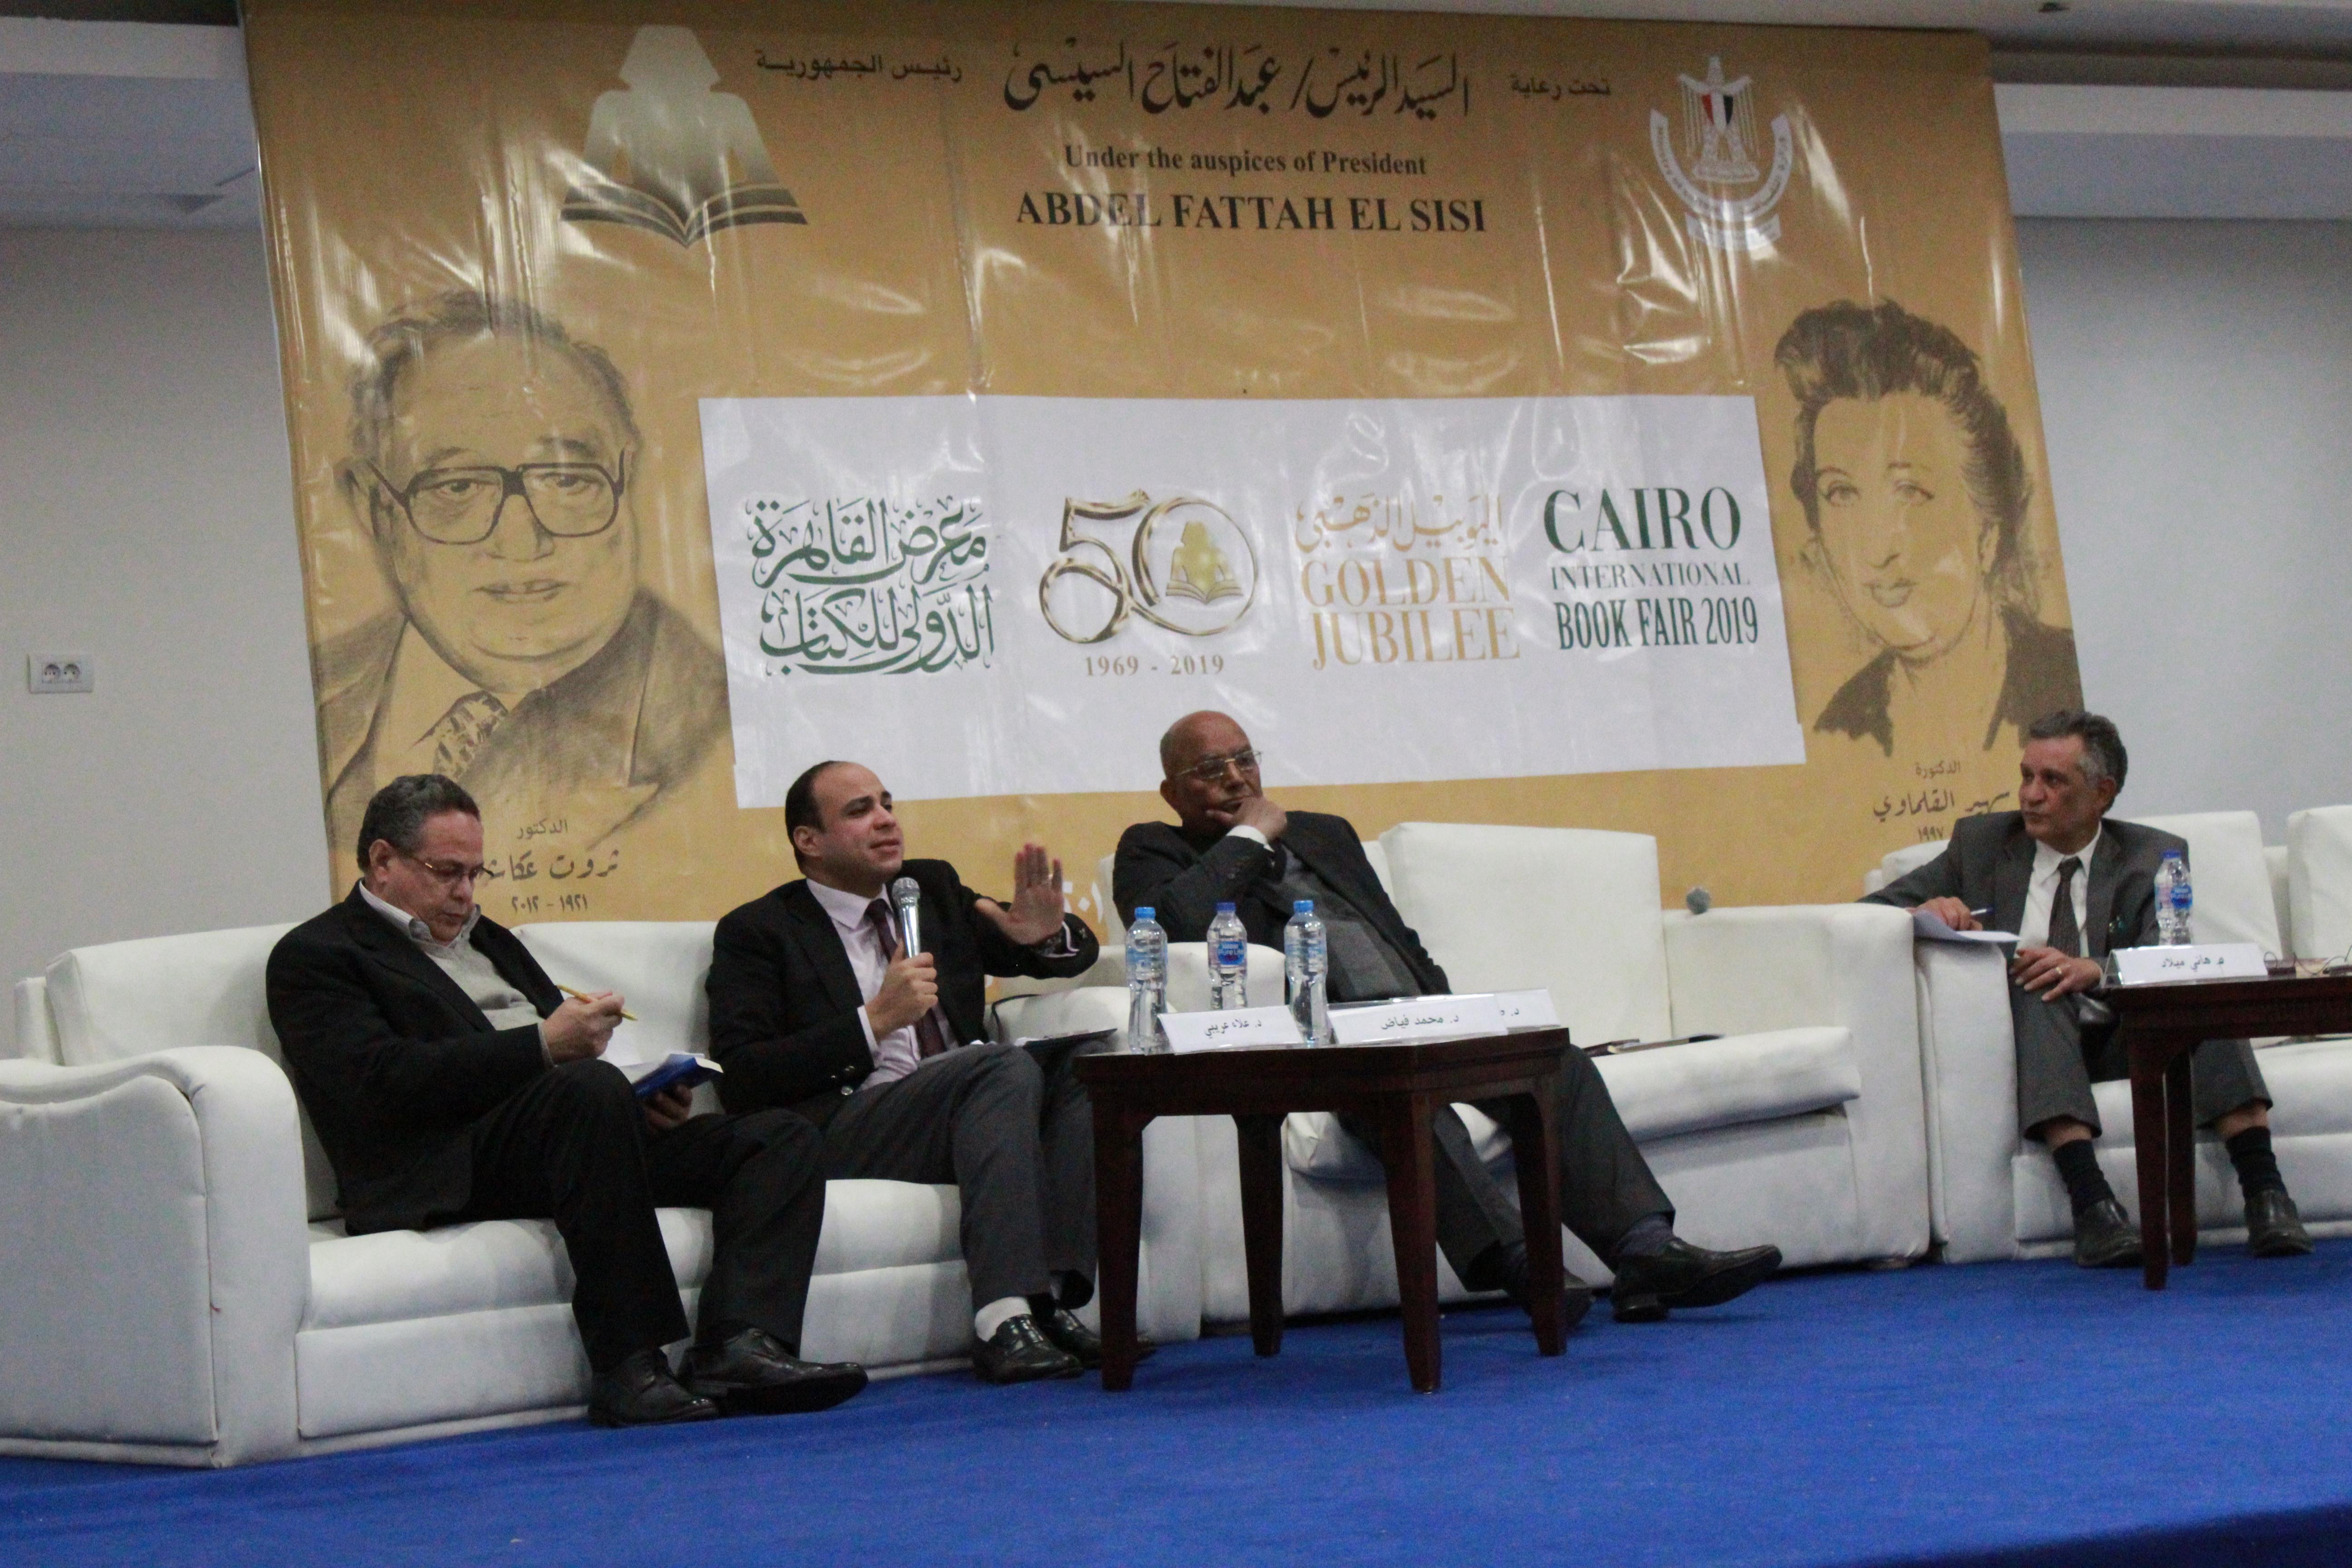 ندوة الكتب الممؤسسة للثقافة العربية 10